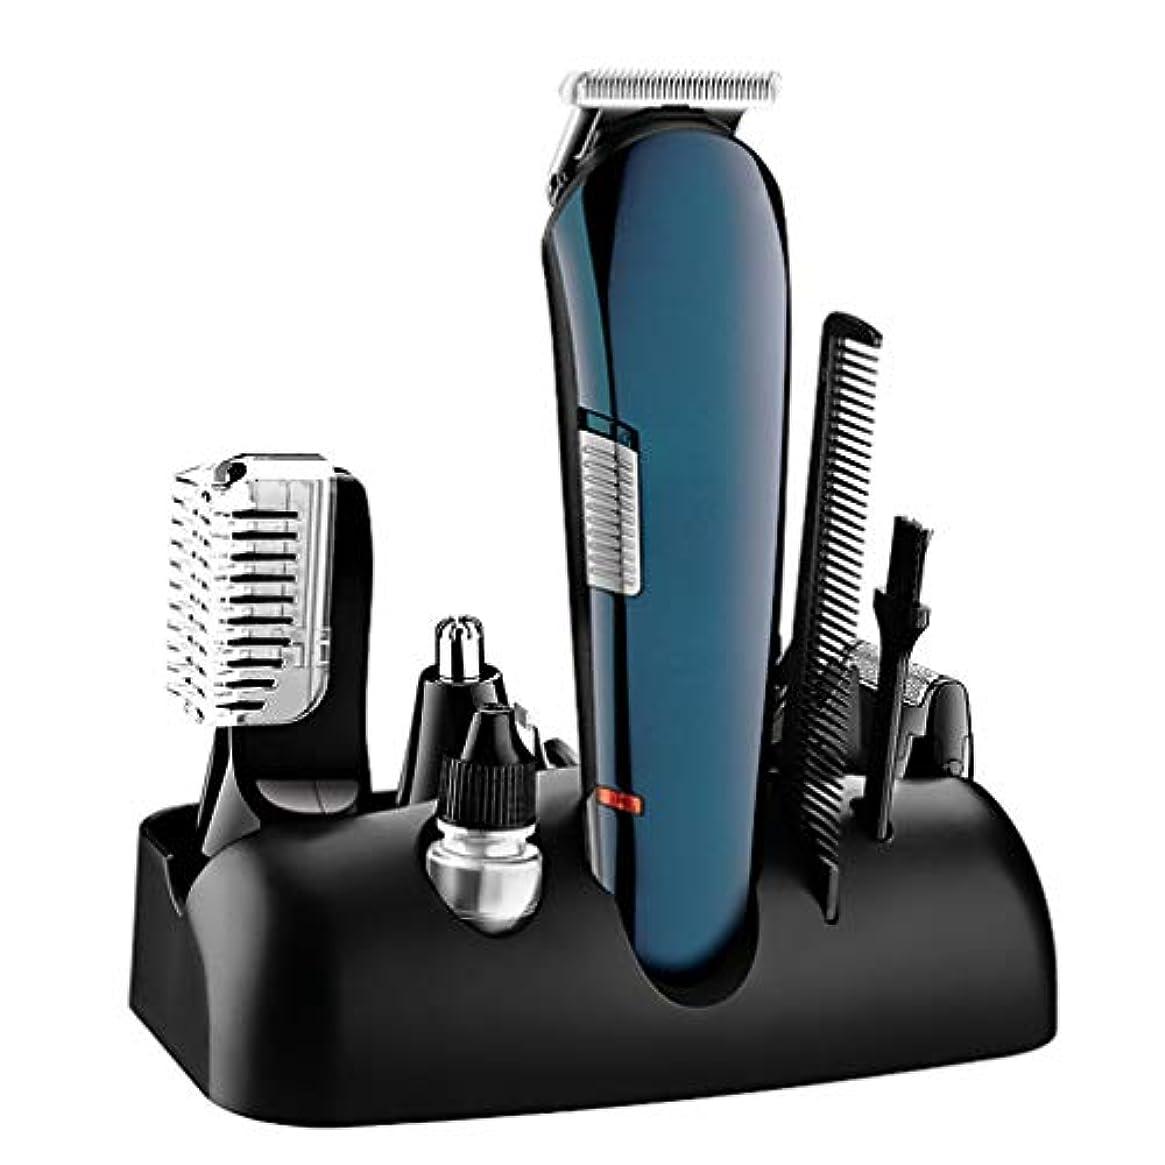 短くするゆるい裂け目男性のための電気トリマーひげ、髪、顔、鼻毛、眉毛、ホイルシェーバーモデリング精密5 in 1鼻毛トリマー用グルーミングキット